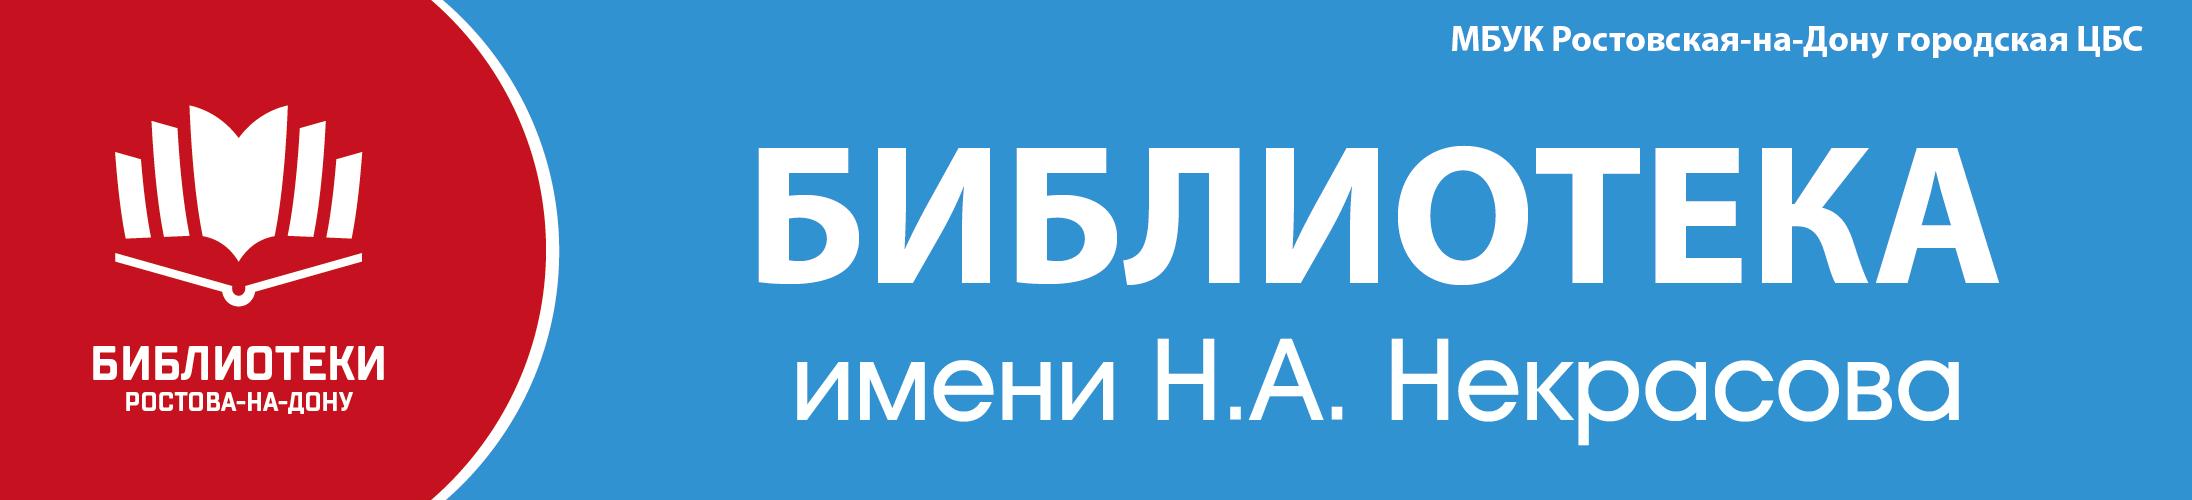 Библиотека имени Н.А. Некрасова